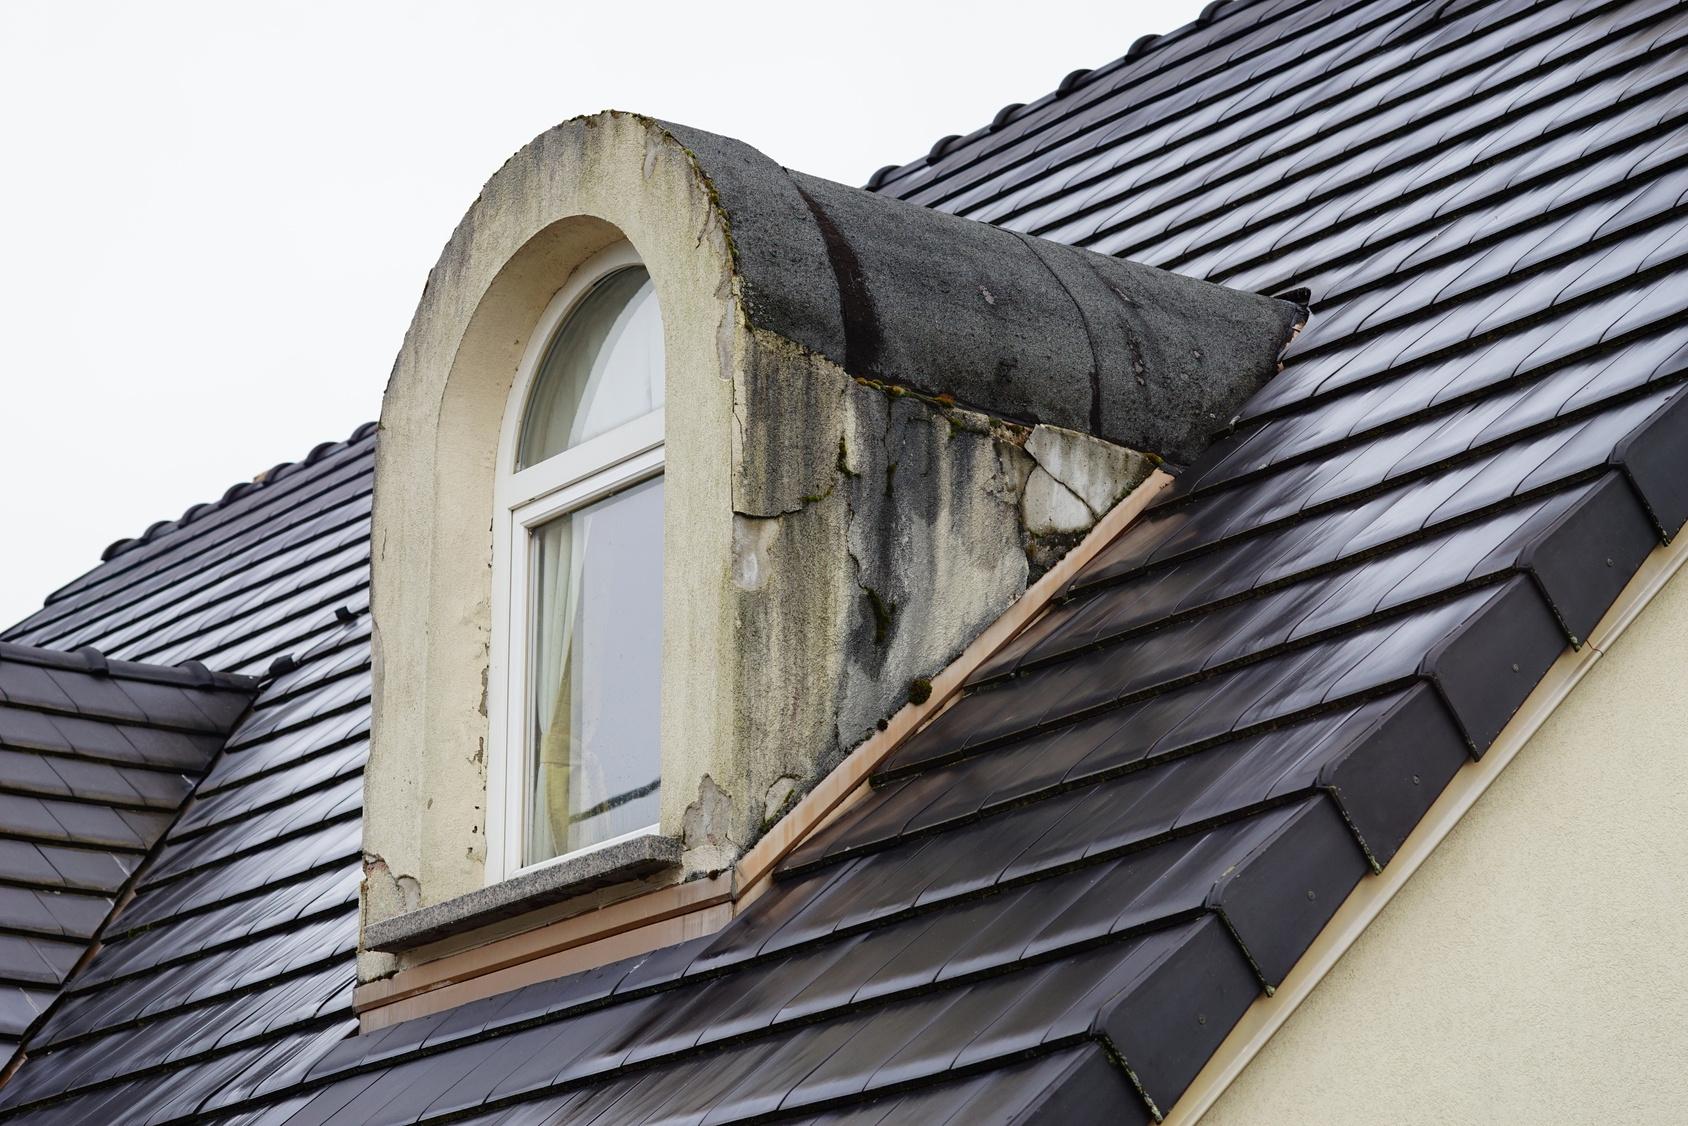 comment emp234cher les infiltrations dans une toiture